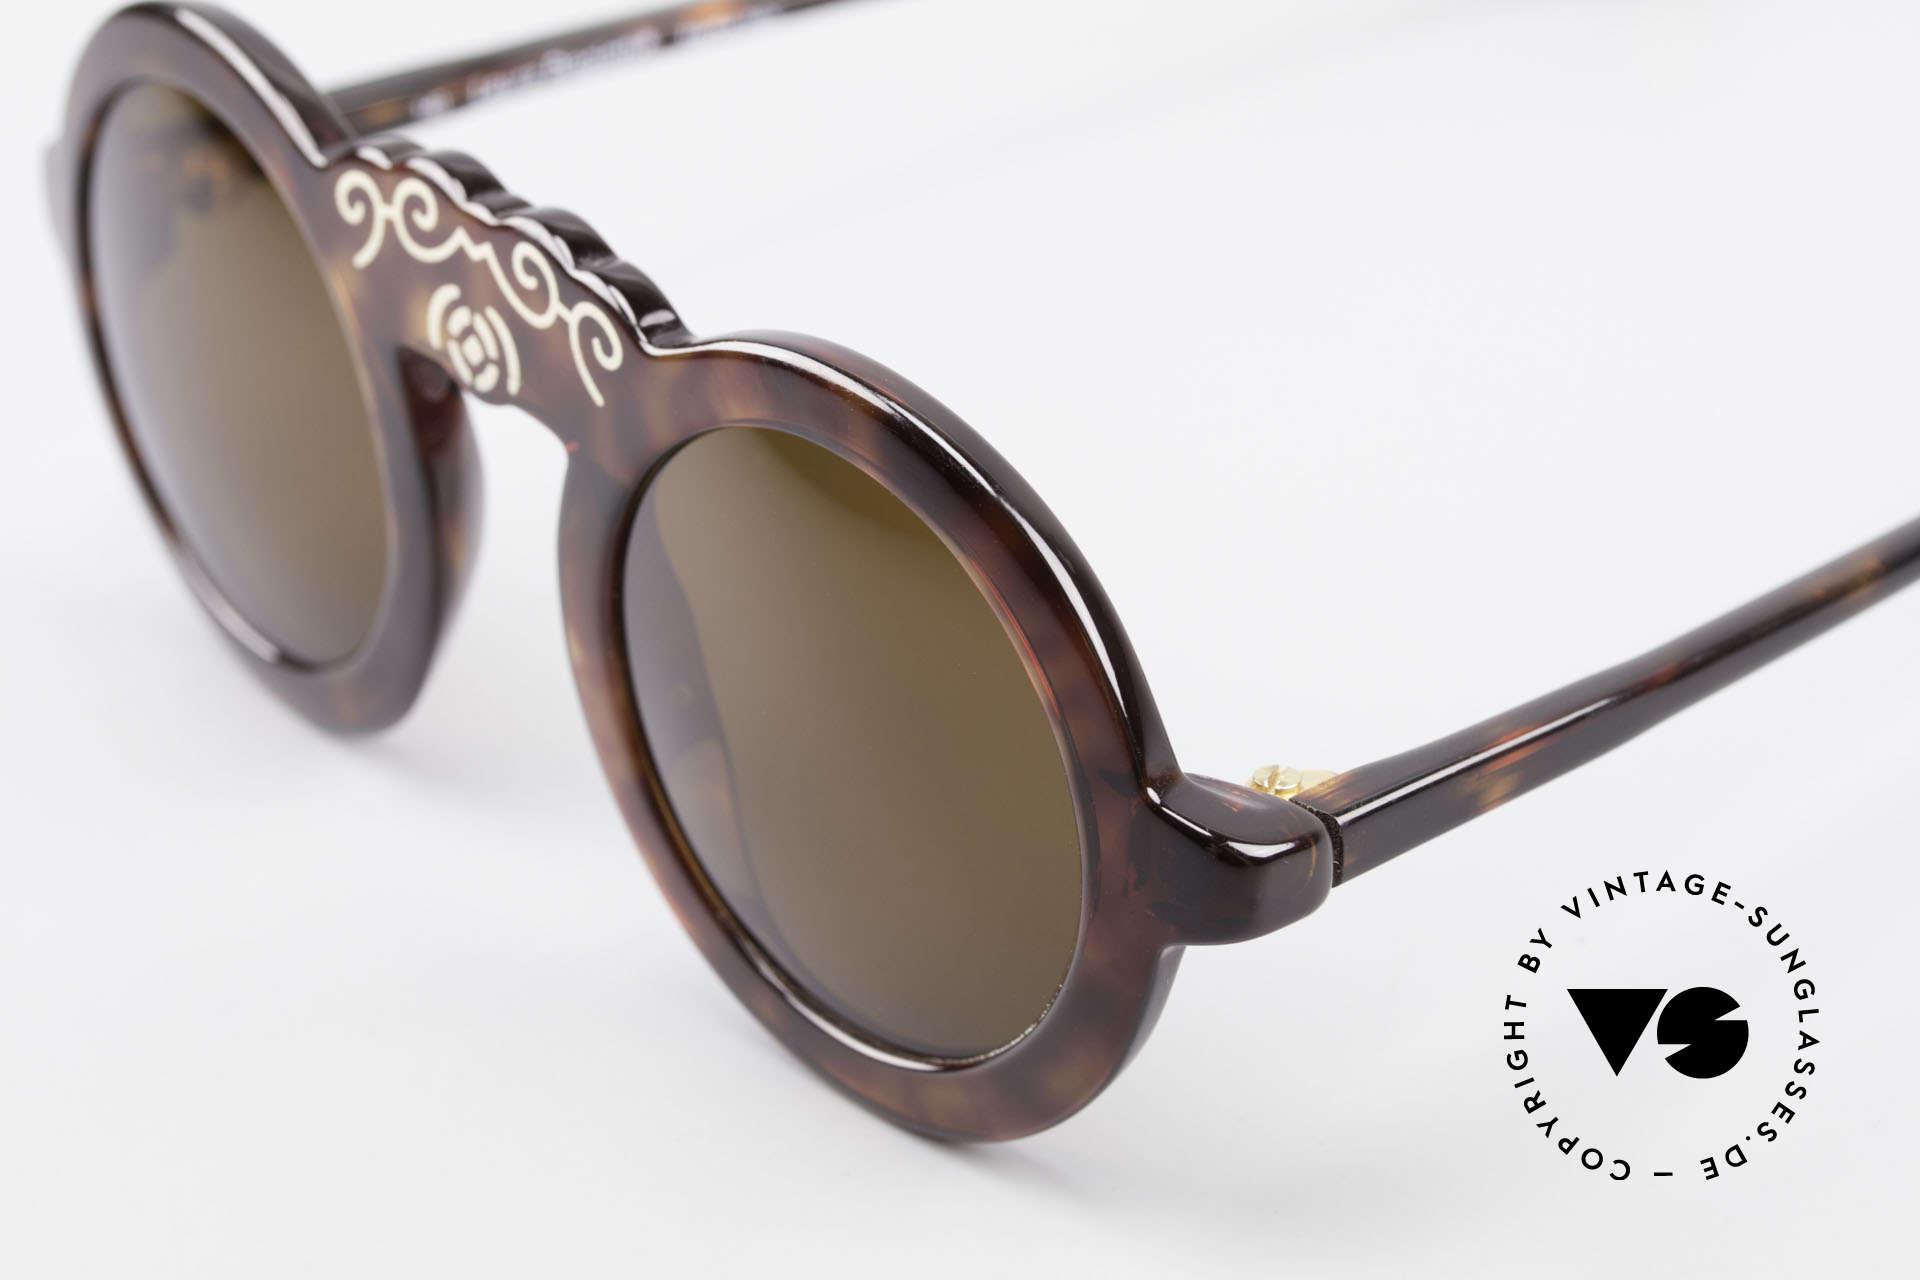 Laura Biagiotti V93 Shangai True Vintage Sonnenbrille 70er, ungetragenes Einzelstück (wie alle unsere Raritäten), Passend für Damen